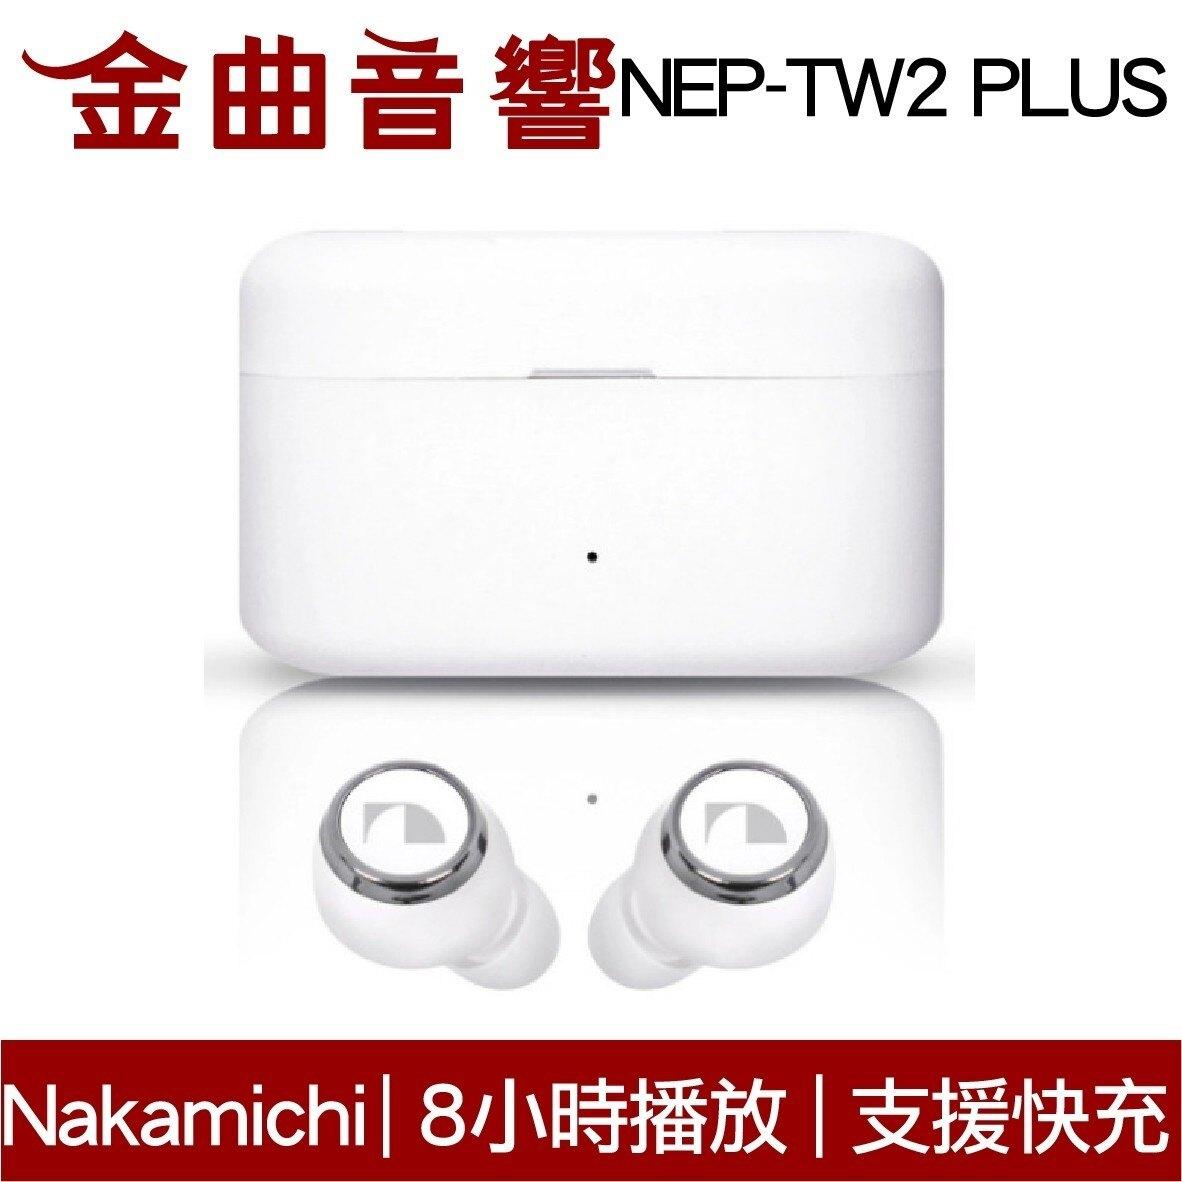 Nakamichi My Music Hue Plus 真無線耳機 白色 NEP-TW2 Plus   金曲音響